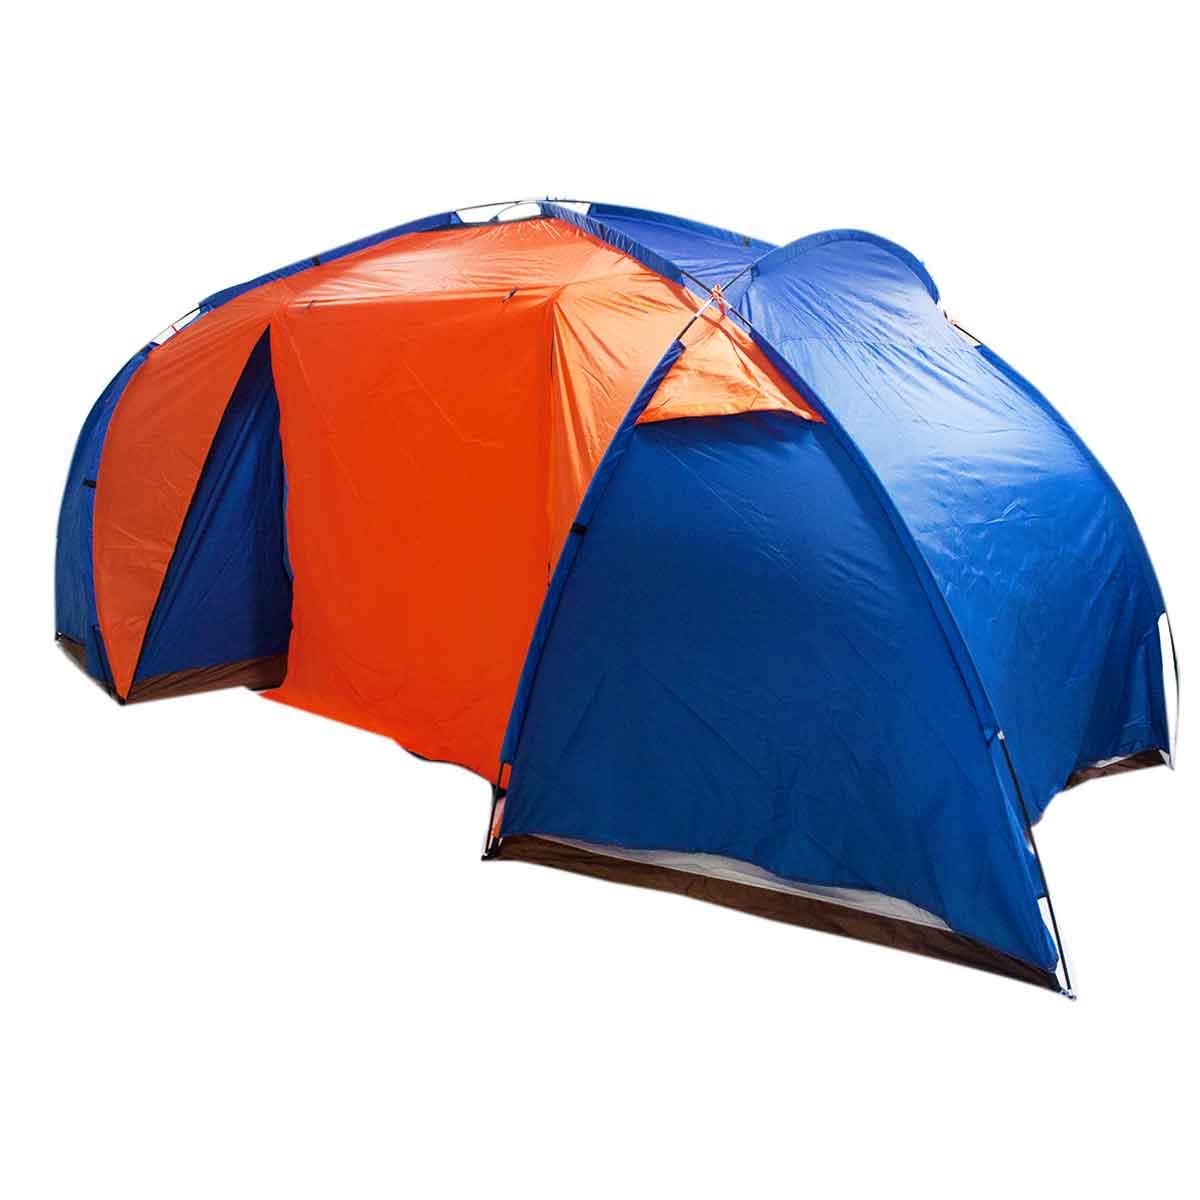 Barraca Camping 4 Pessoas Iglu Tenda Bolsa Acampamento 4,5m